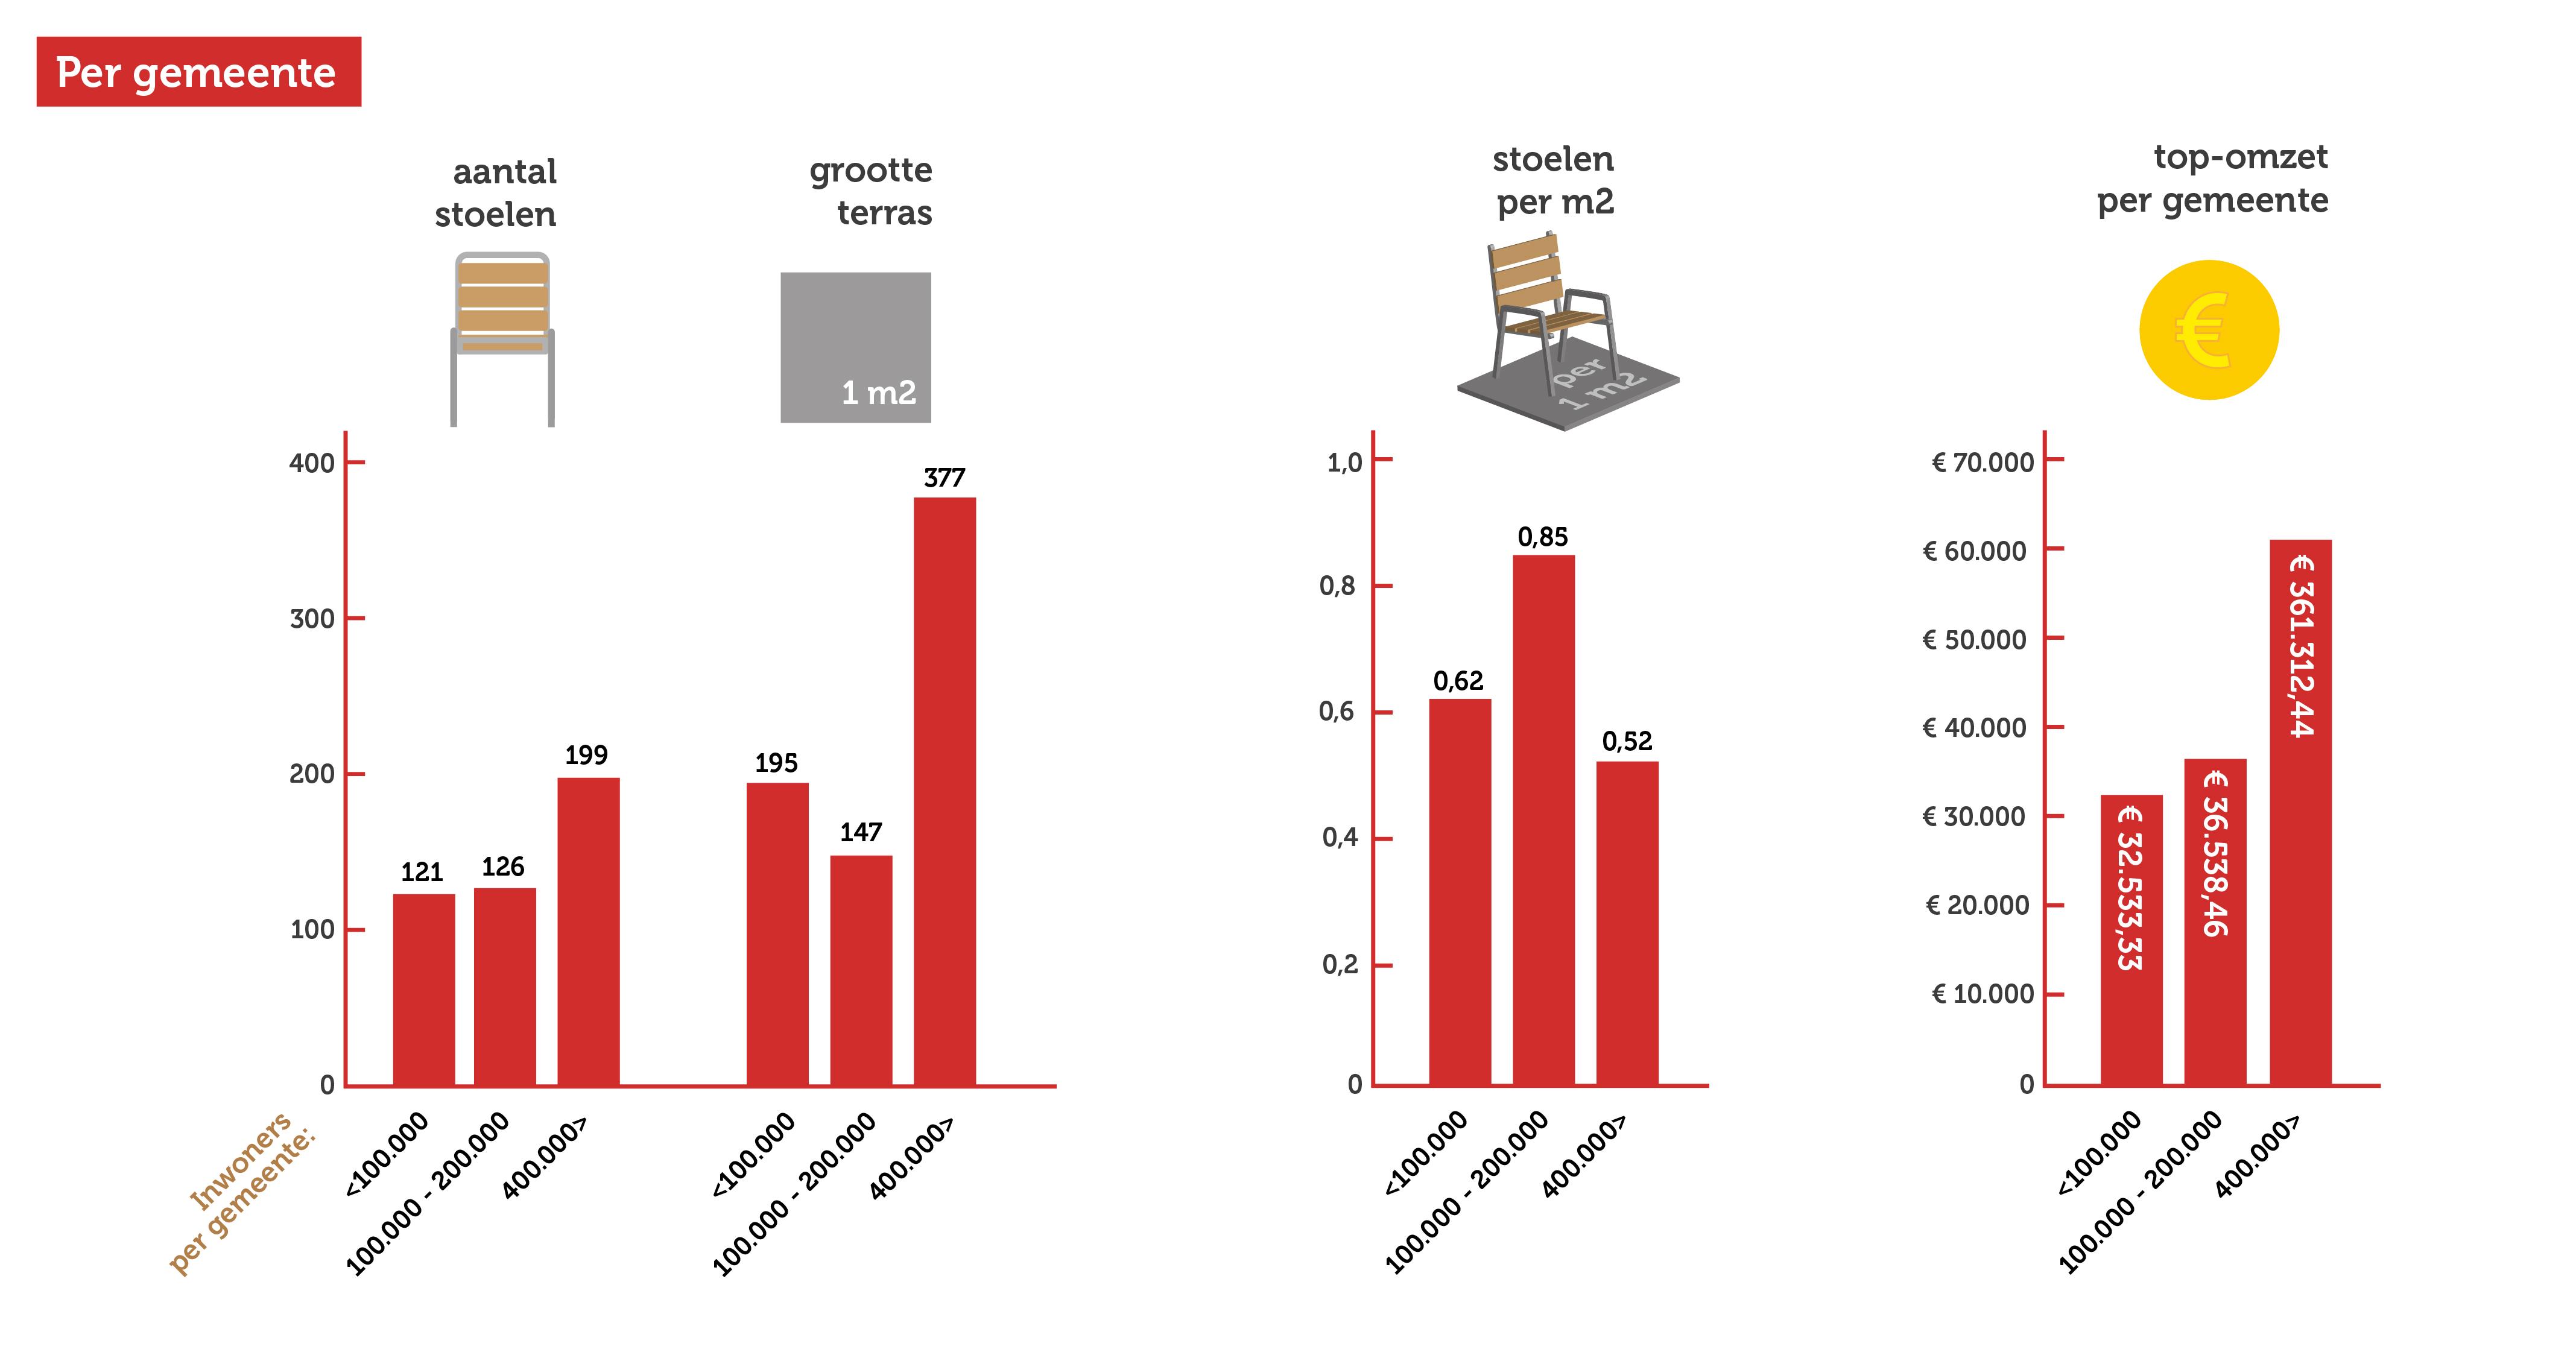 terrascheck, stoelen per m2 en omzet